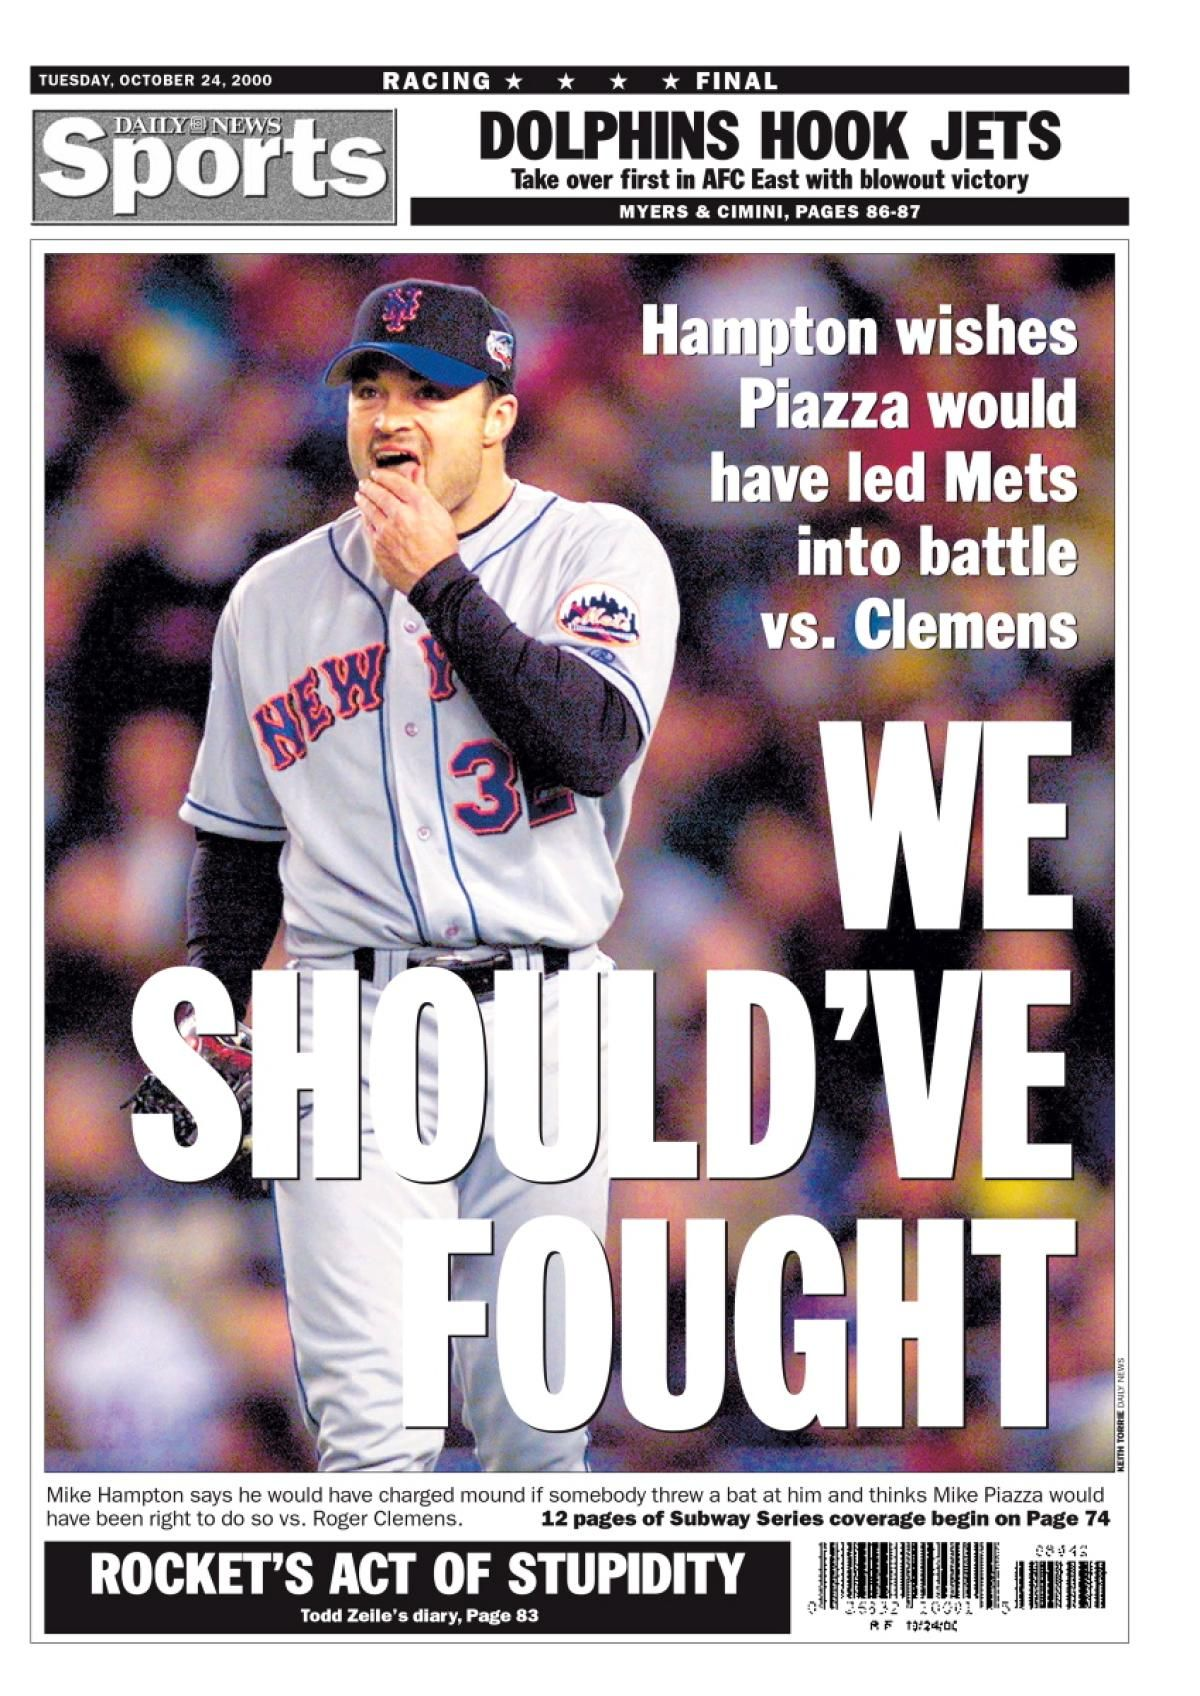 2000 World Series Mets Vs Yankees Mets Lets Go Mets New York Mets